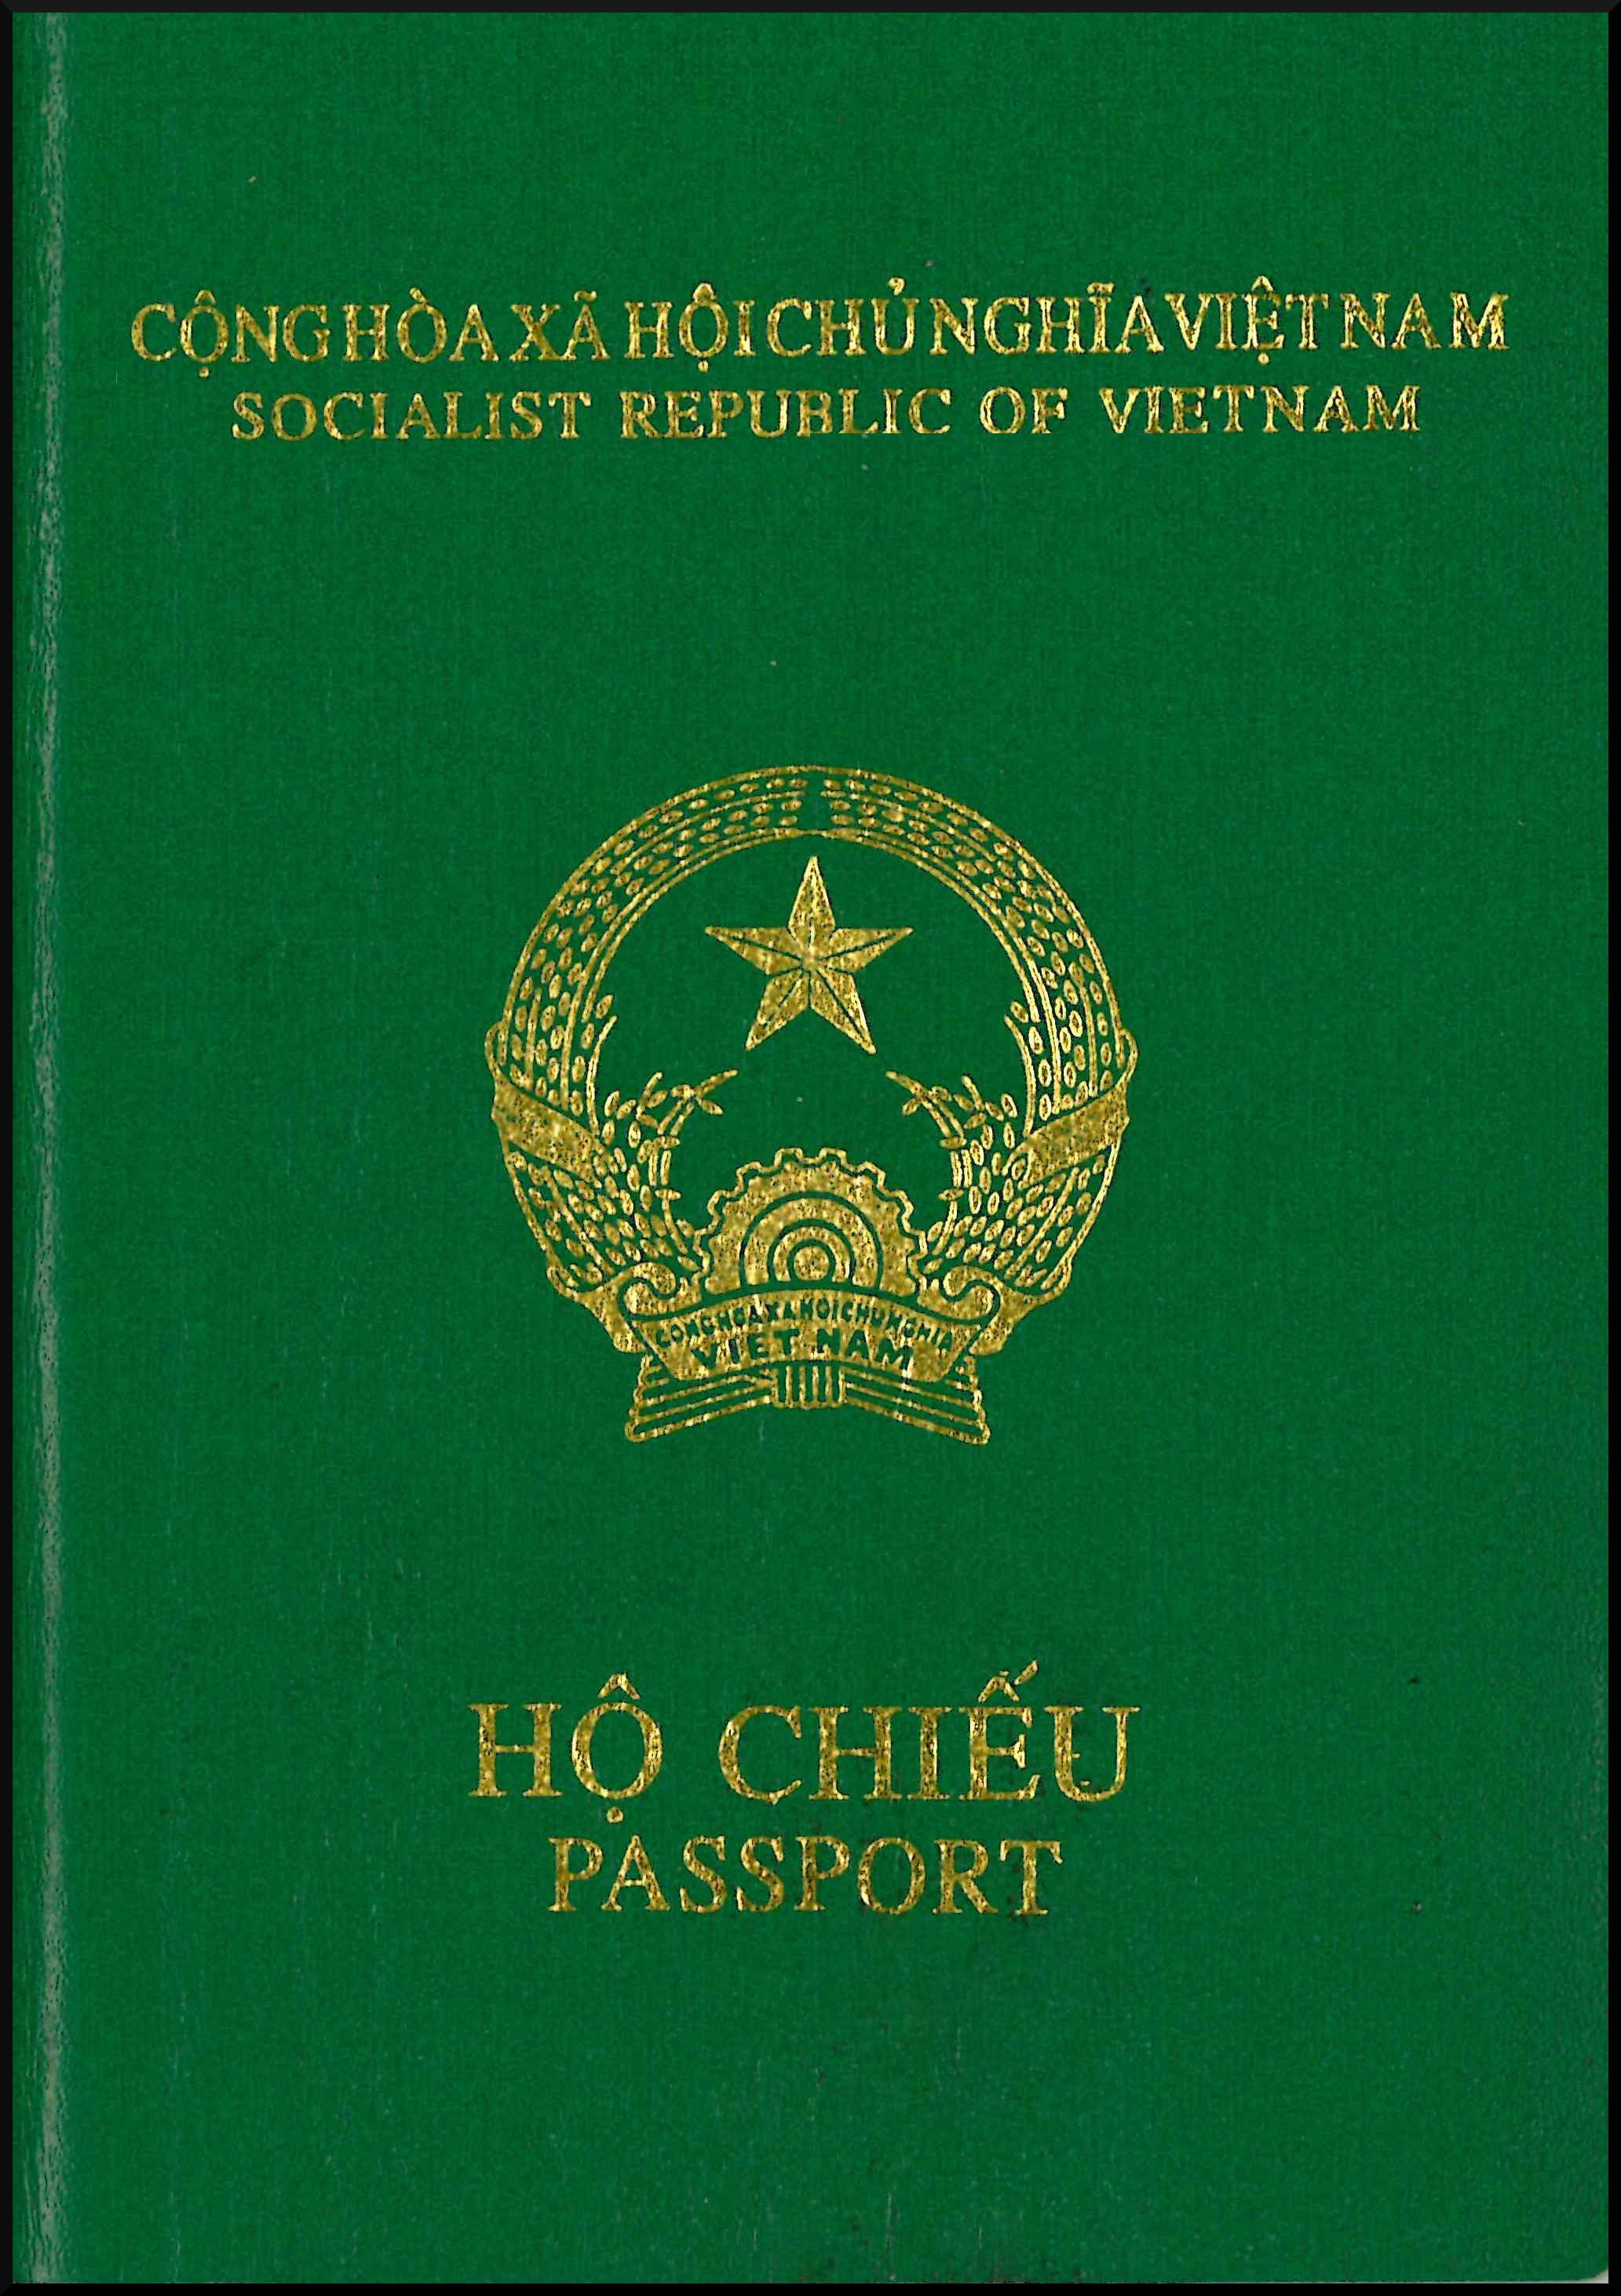 Регистрация для граждан ирака кредит с временной регистрацией петрозаводск